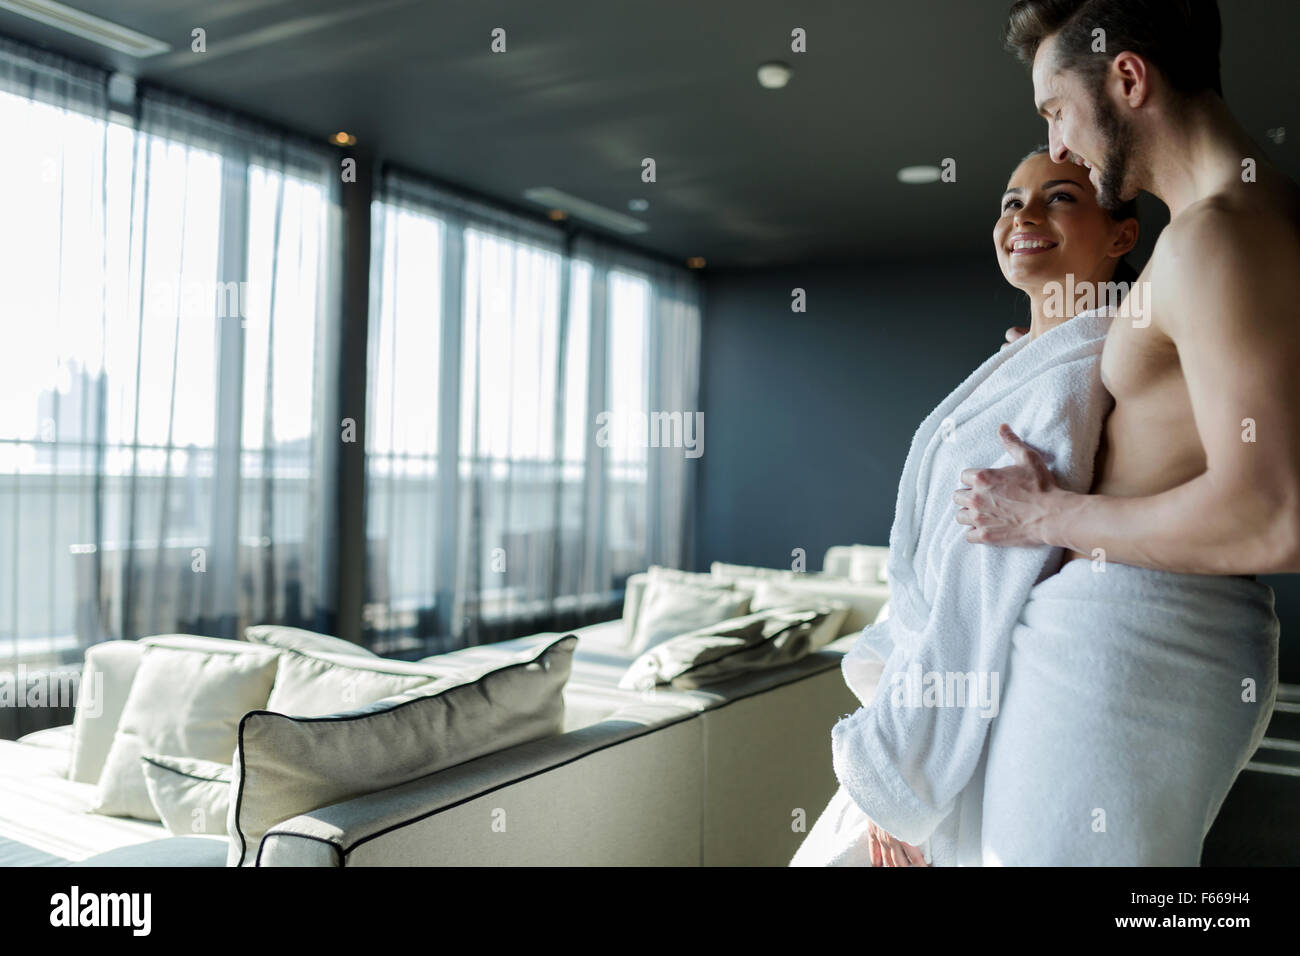 Matura in amore rilassante in un hotel benessere con una bellissima vista panoramica Immagini Stock